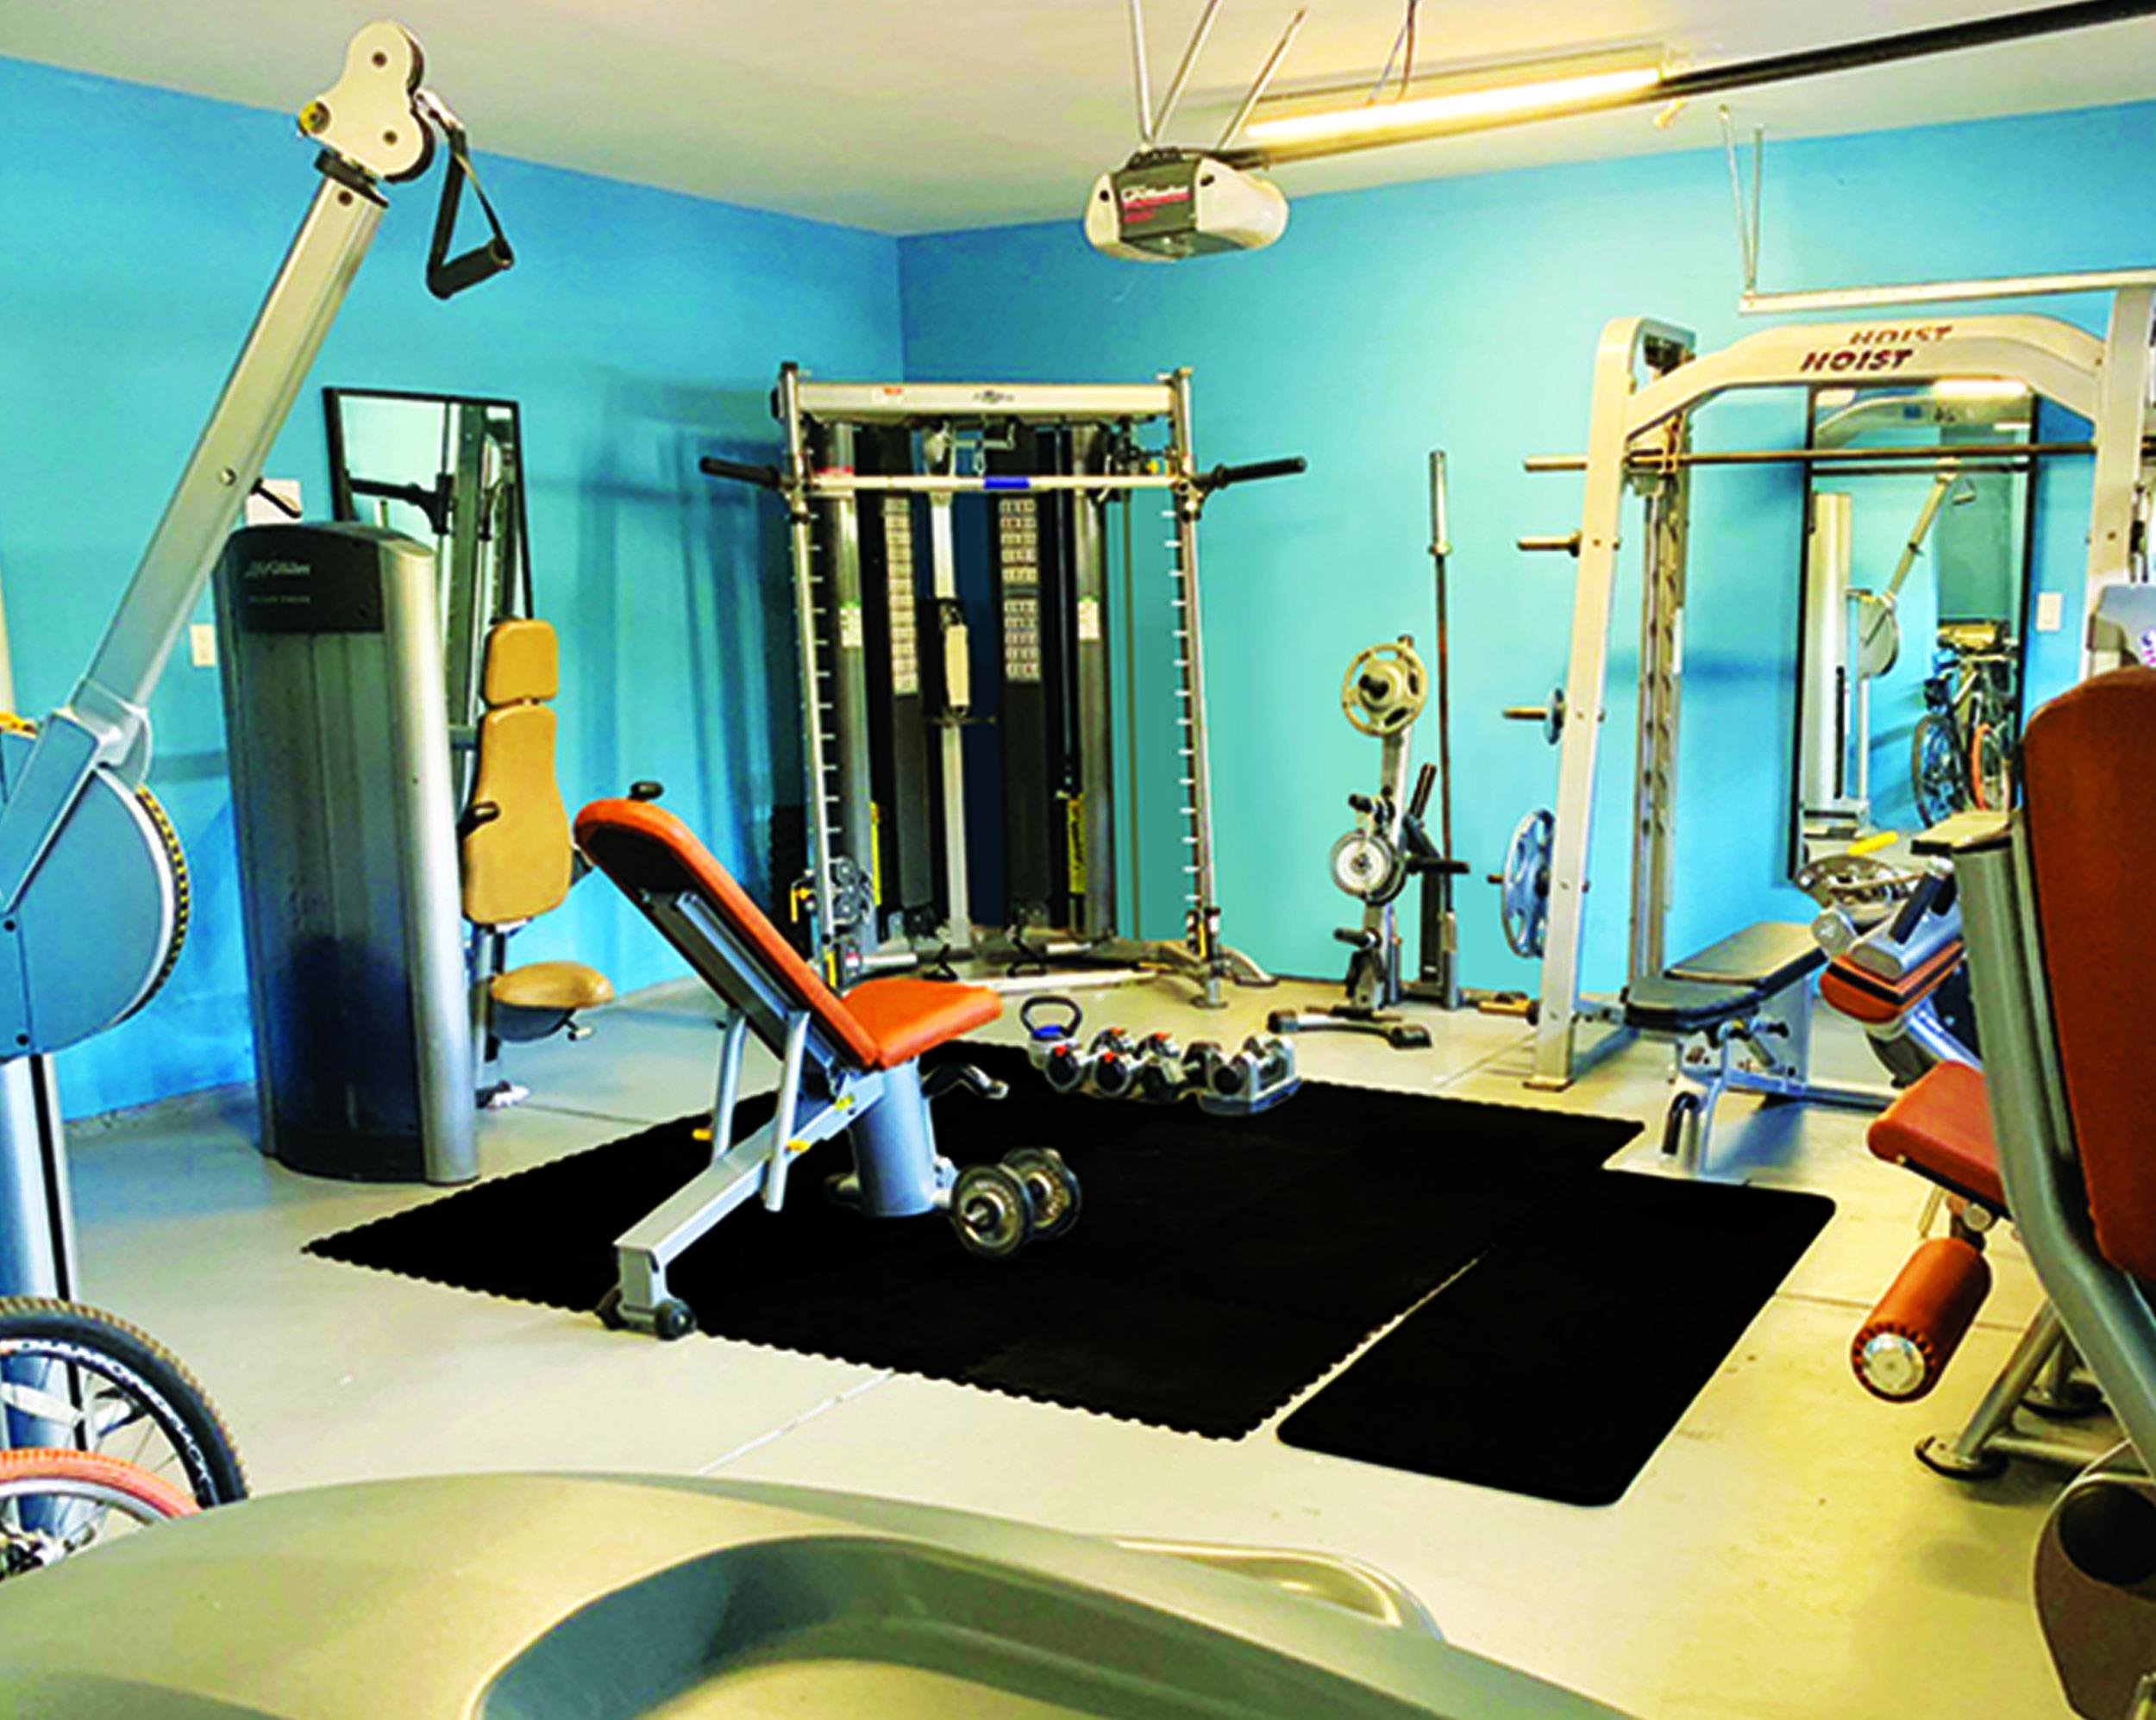 gym new.jpg